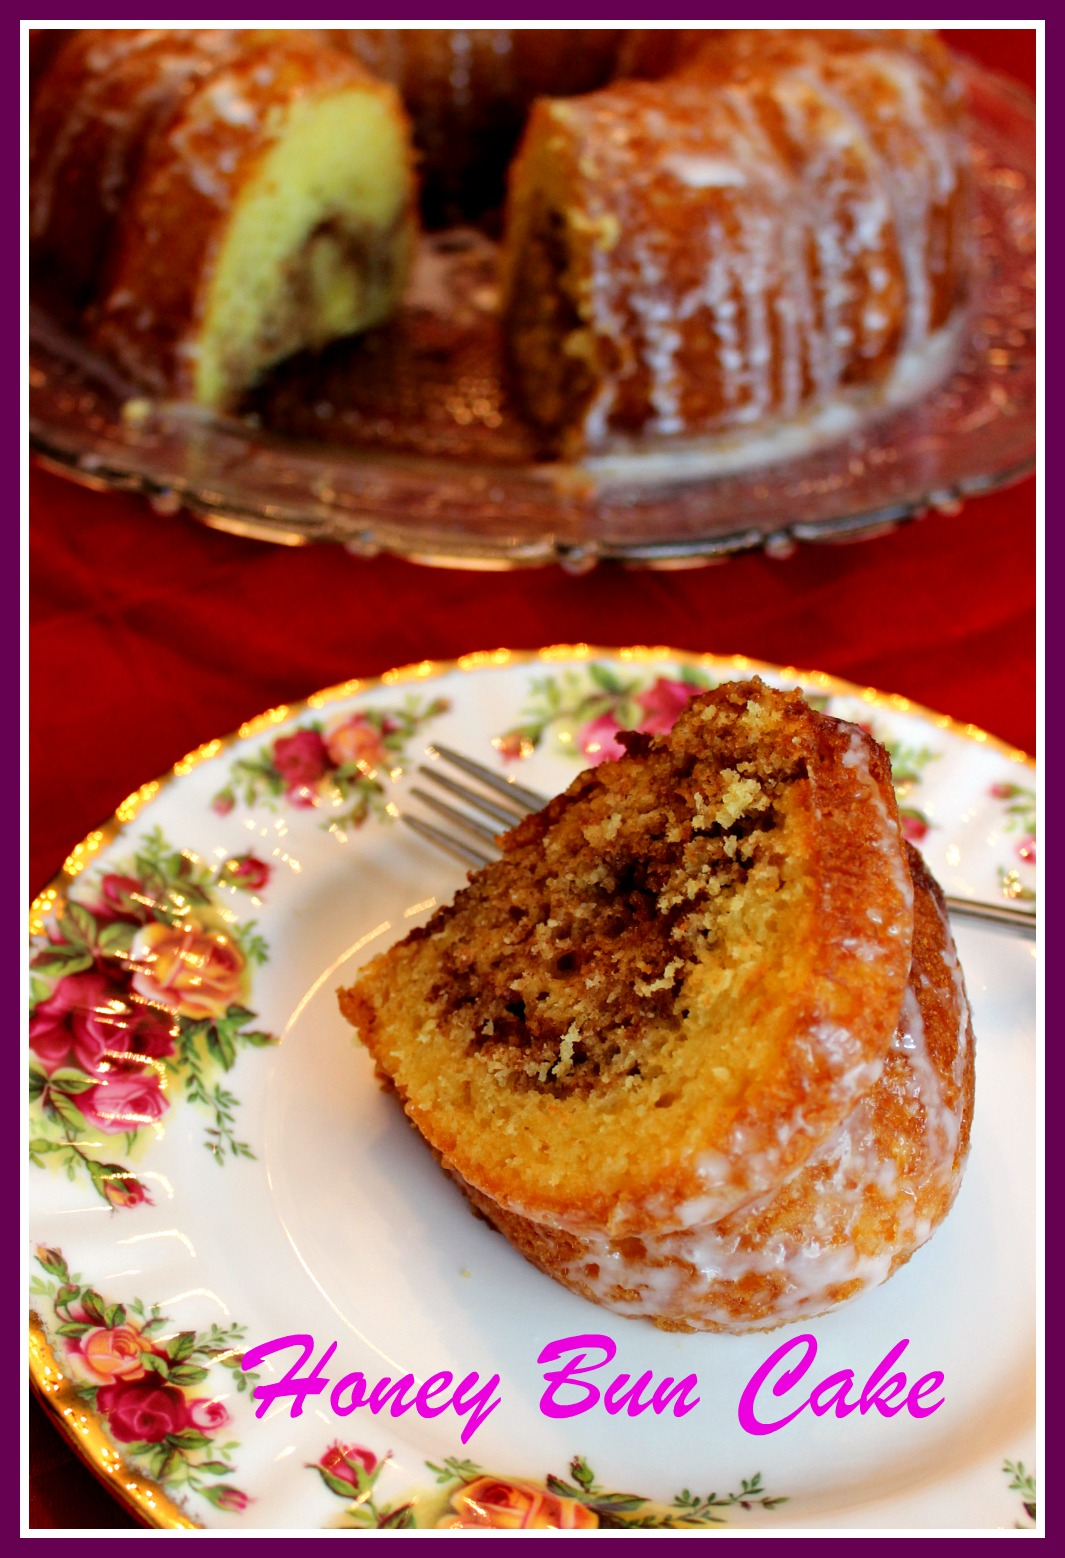 Honey Bun Cake Bundt Pan